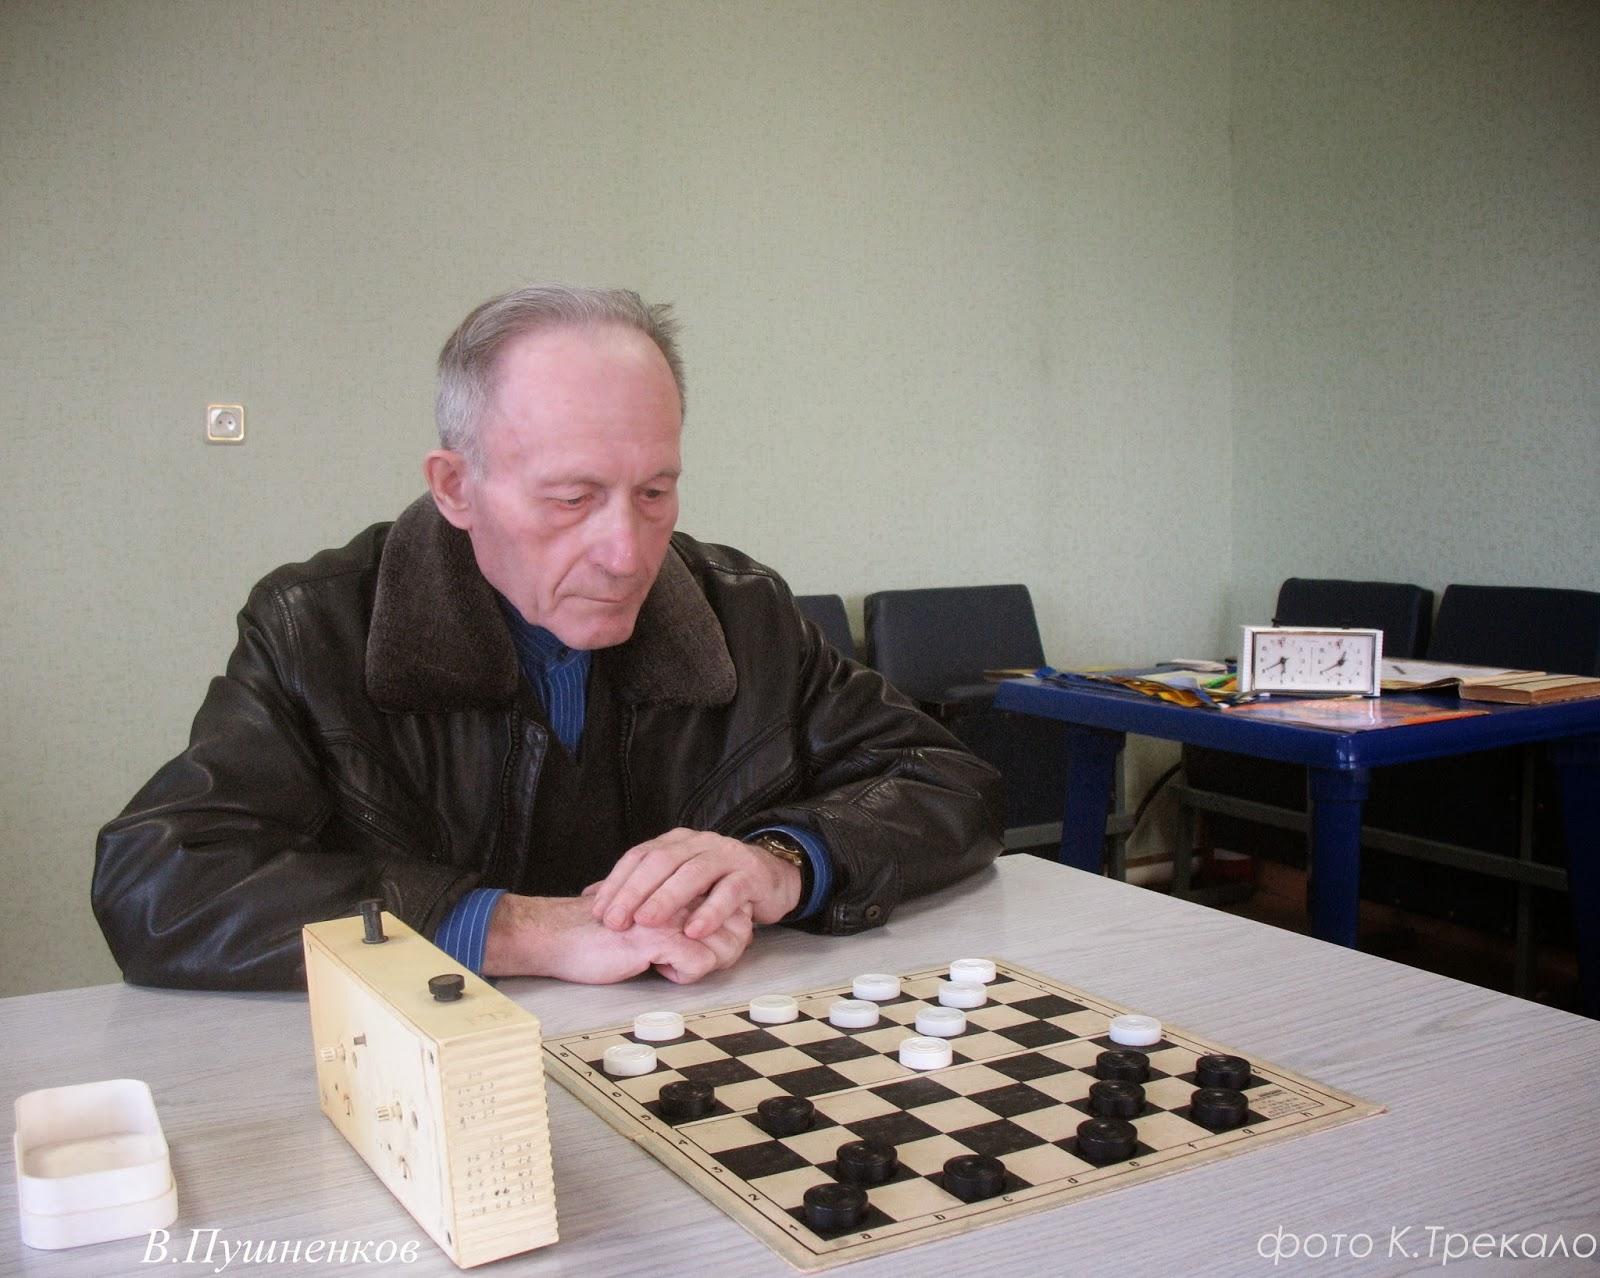 Владимир Пушненков